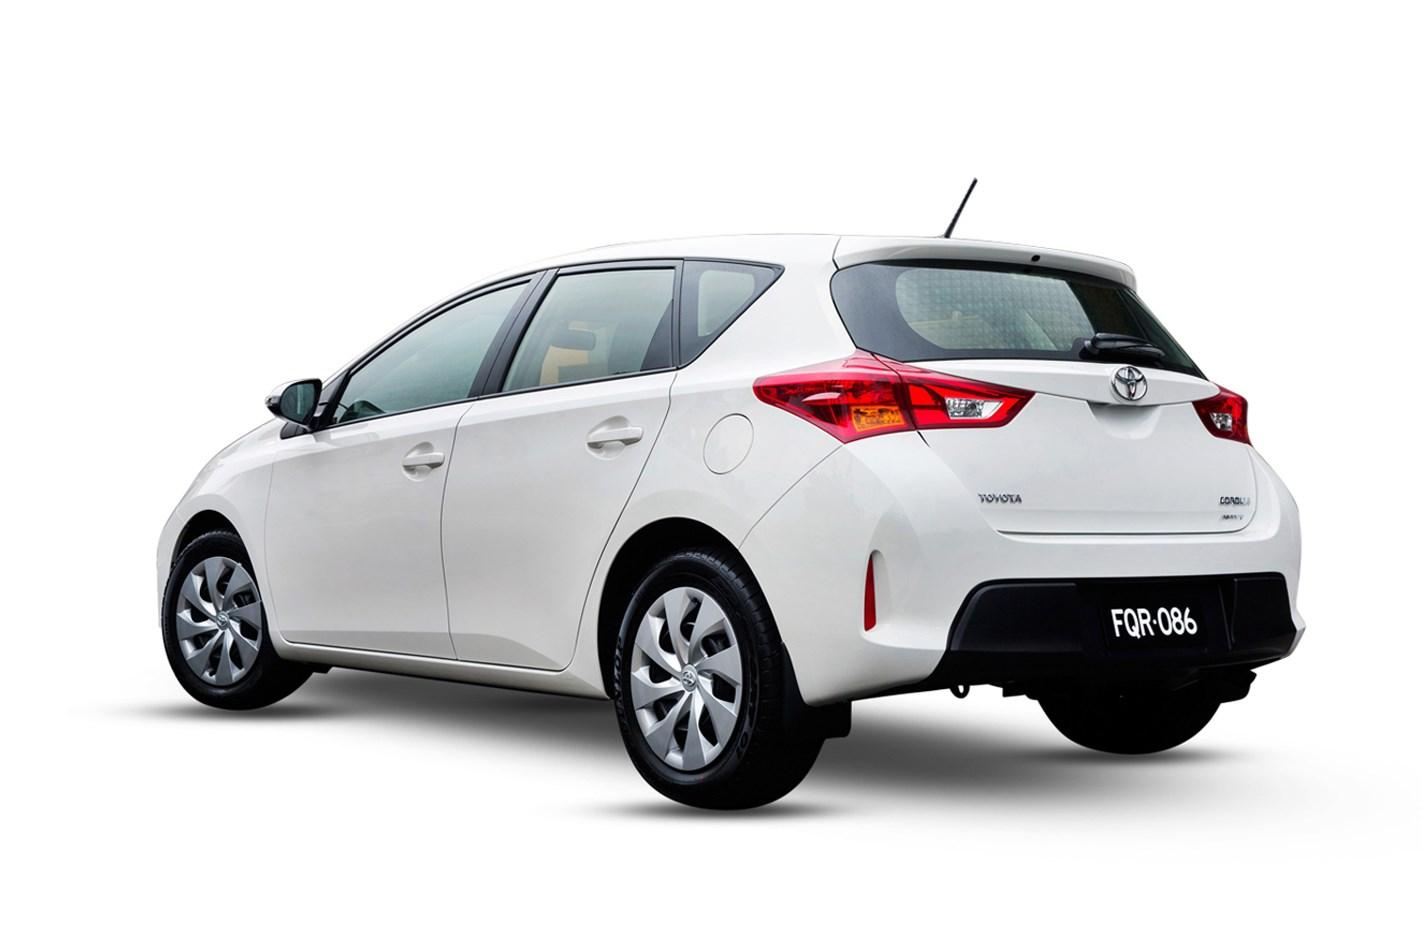 2016 Toyota Corolla Ascent 18L 4cyl Petrol Manual Hatchback